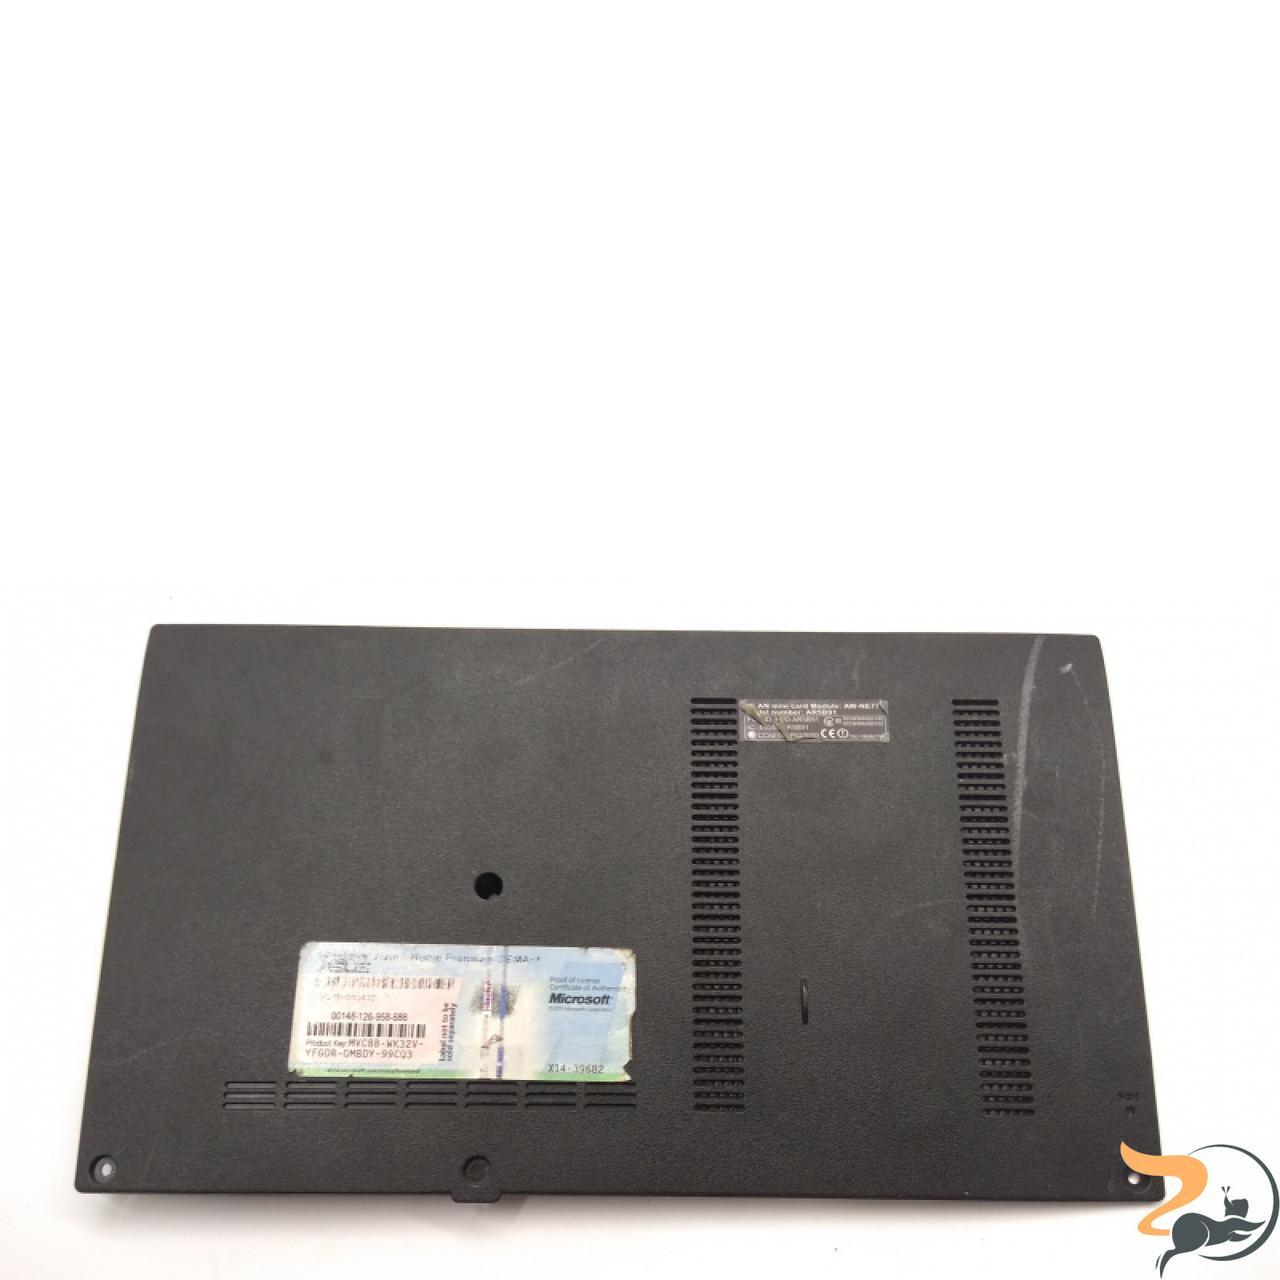 Сервісна кришка для ноутбука Asus PRO 61S, 13N0-BTA0601, Б/В. В хорошому стані, без пошкоджень. Є подряпини та потертості. Присутні сліди корозії.